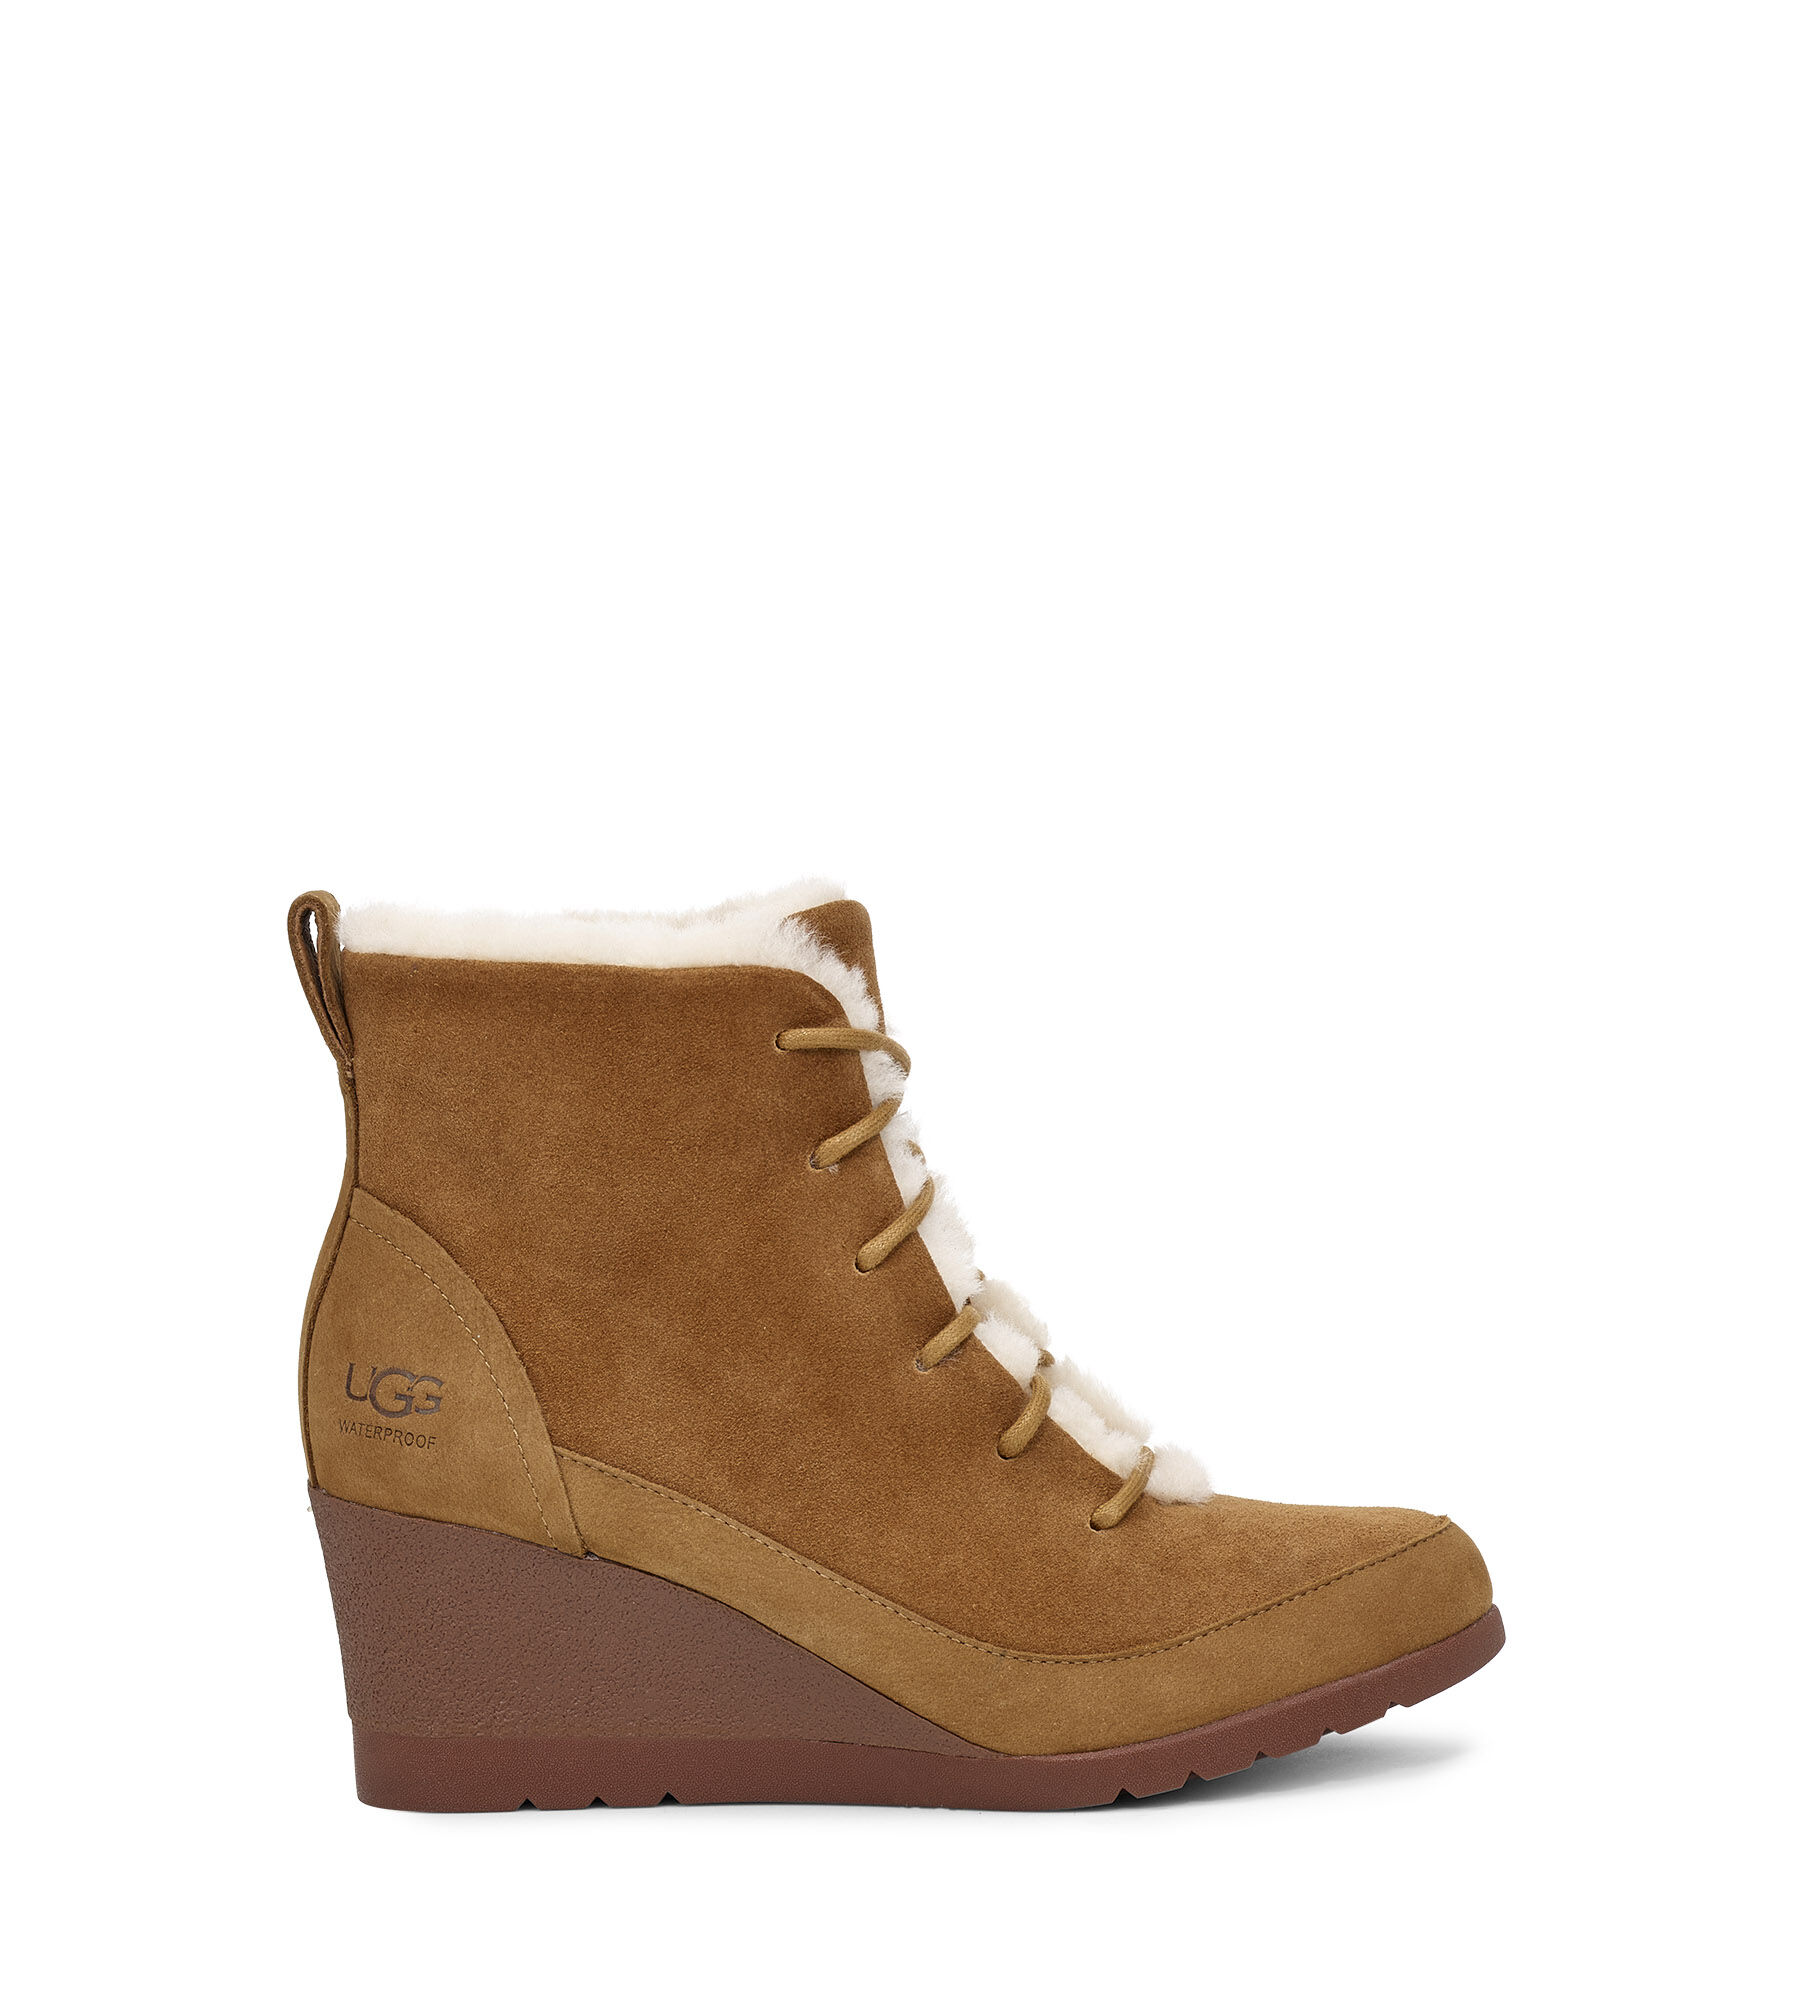 Prix raisonnable Femme UGG Boots fourrées cuir suède noir